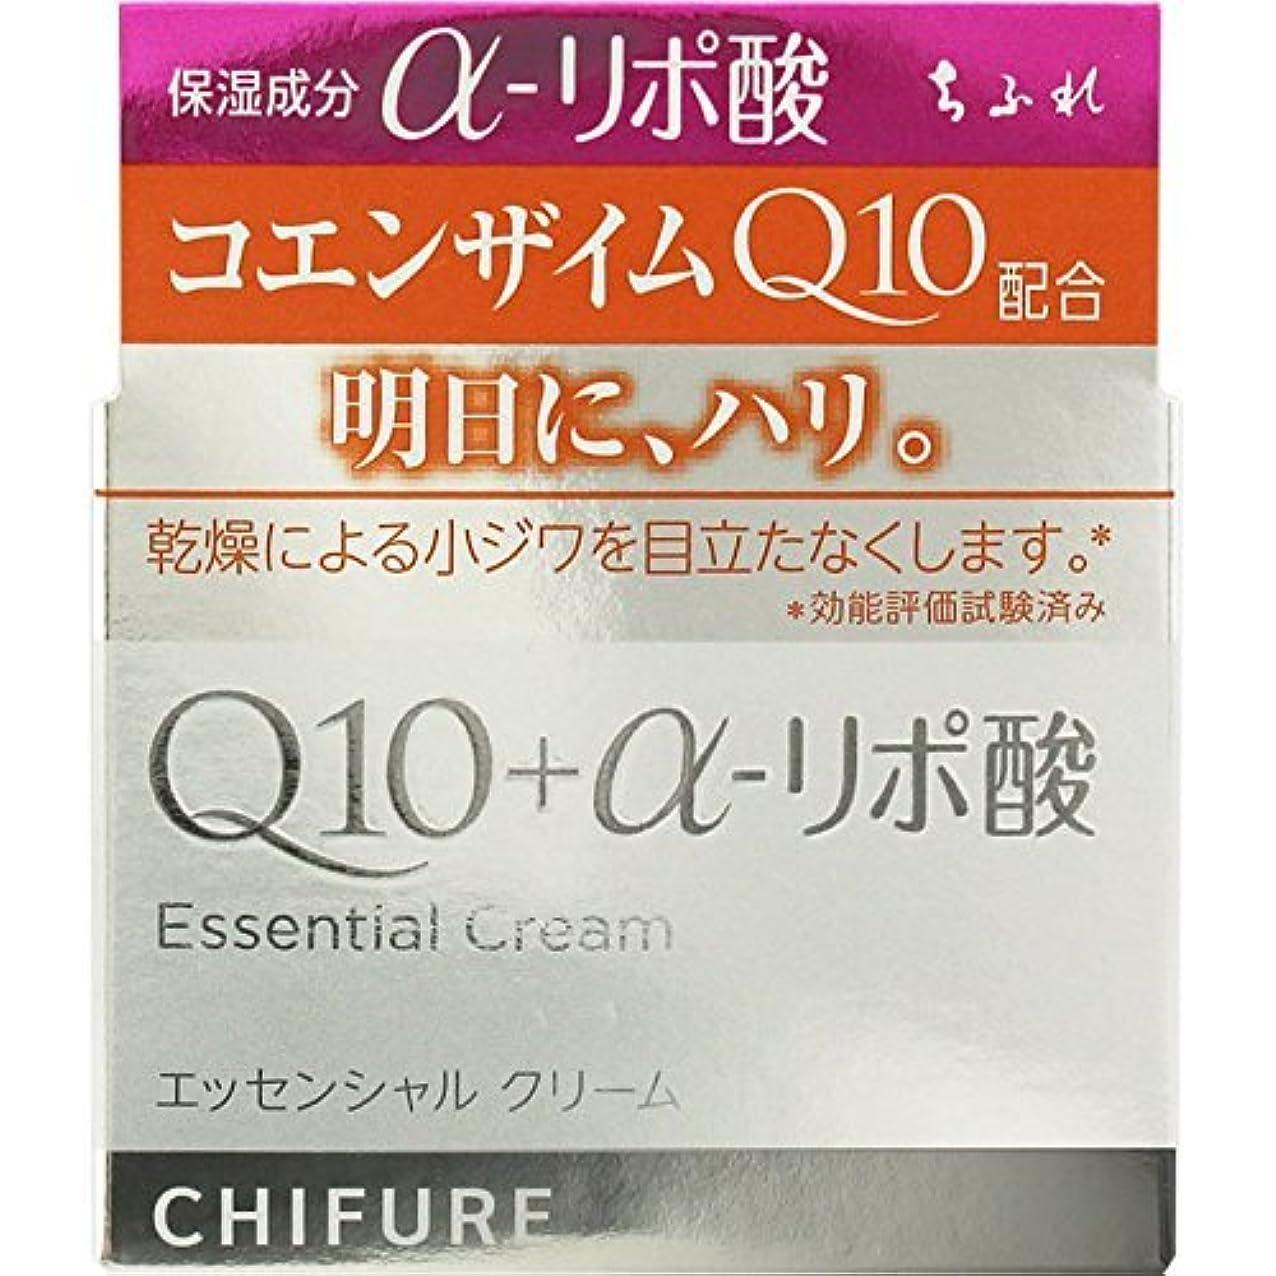 平凡活気づける連合ちふれ化粧品 エッセンシャルクリーム N 30g 30G